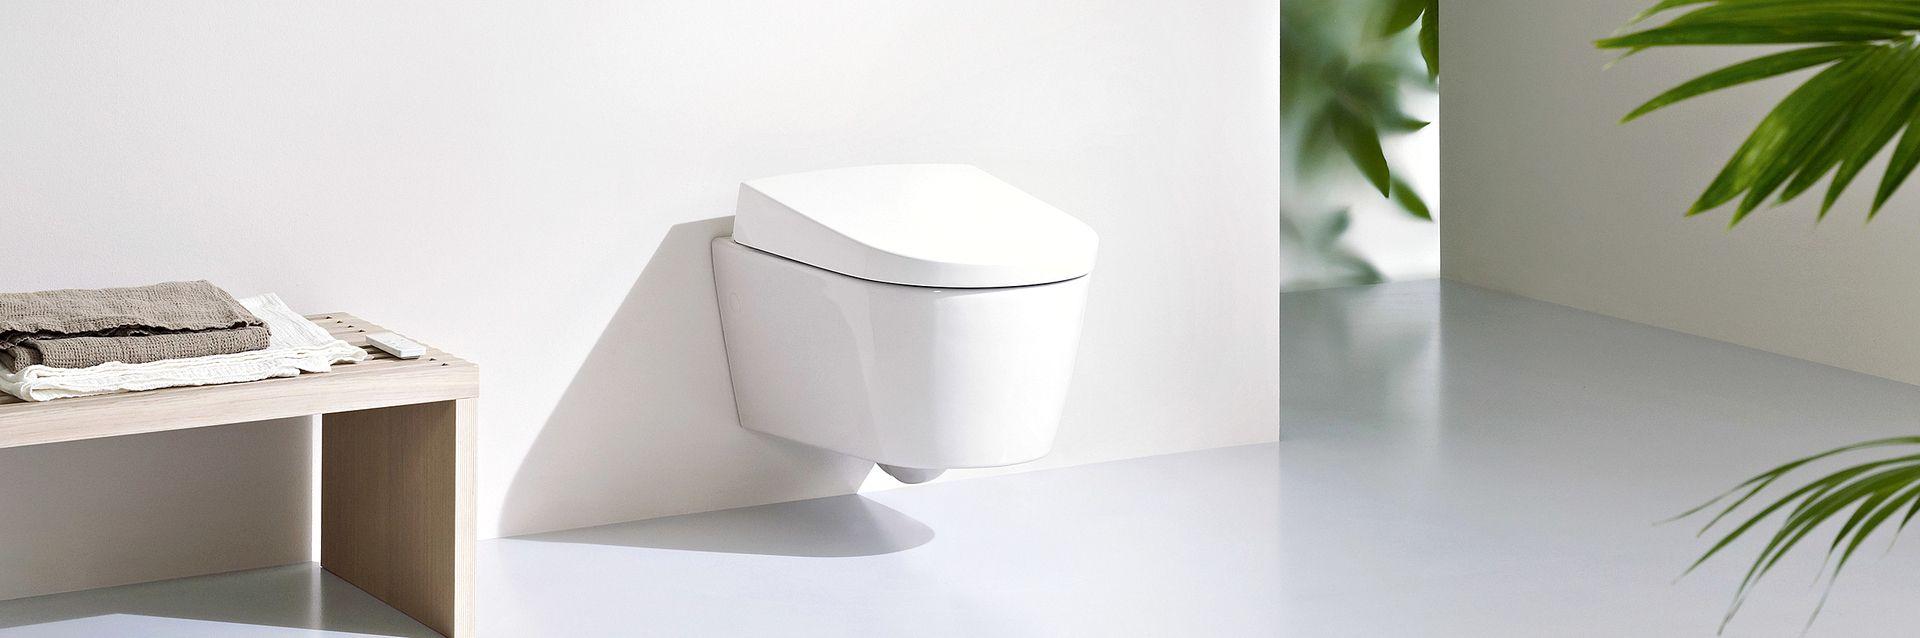 Hangend toilet - Hangend toilet